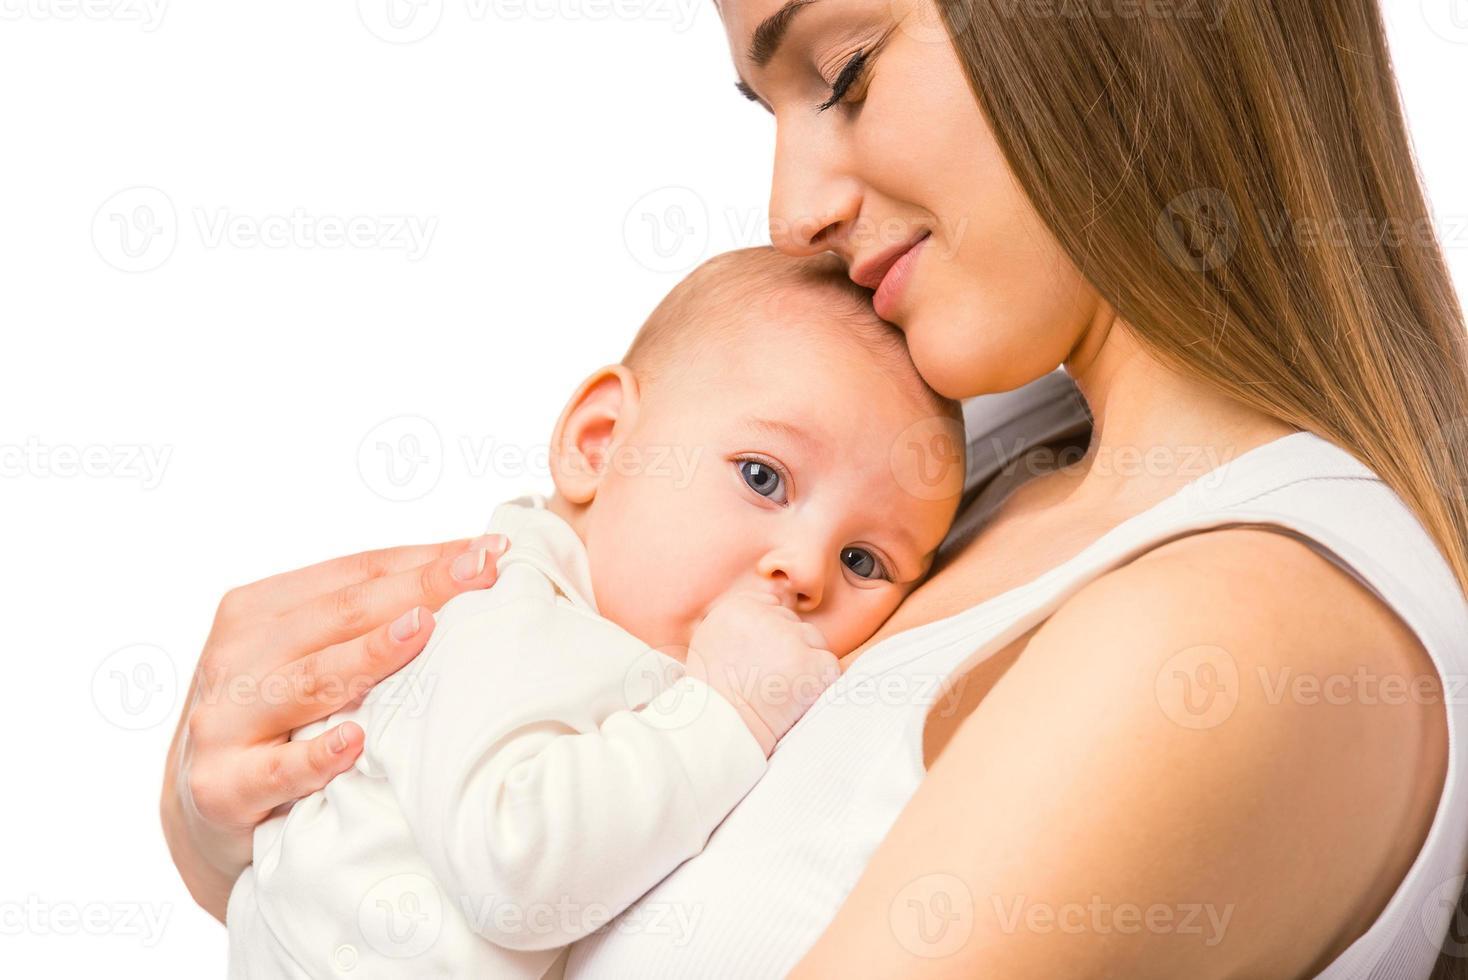 kleines glückliches Baby foto